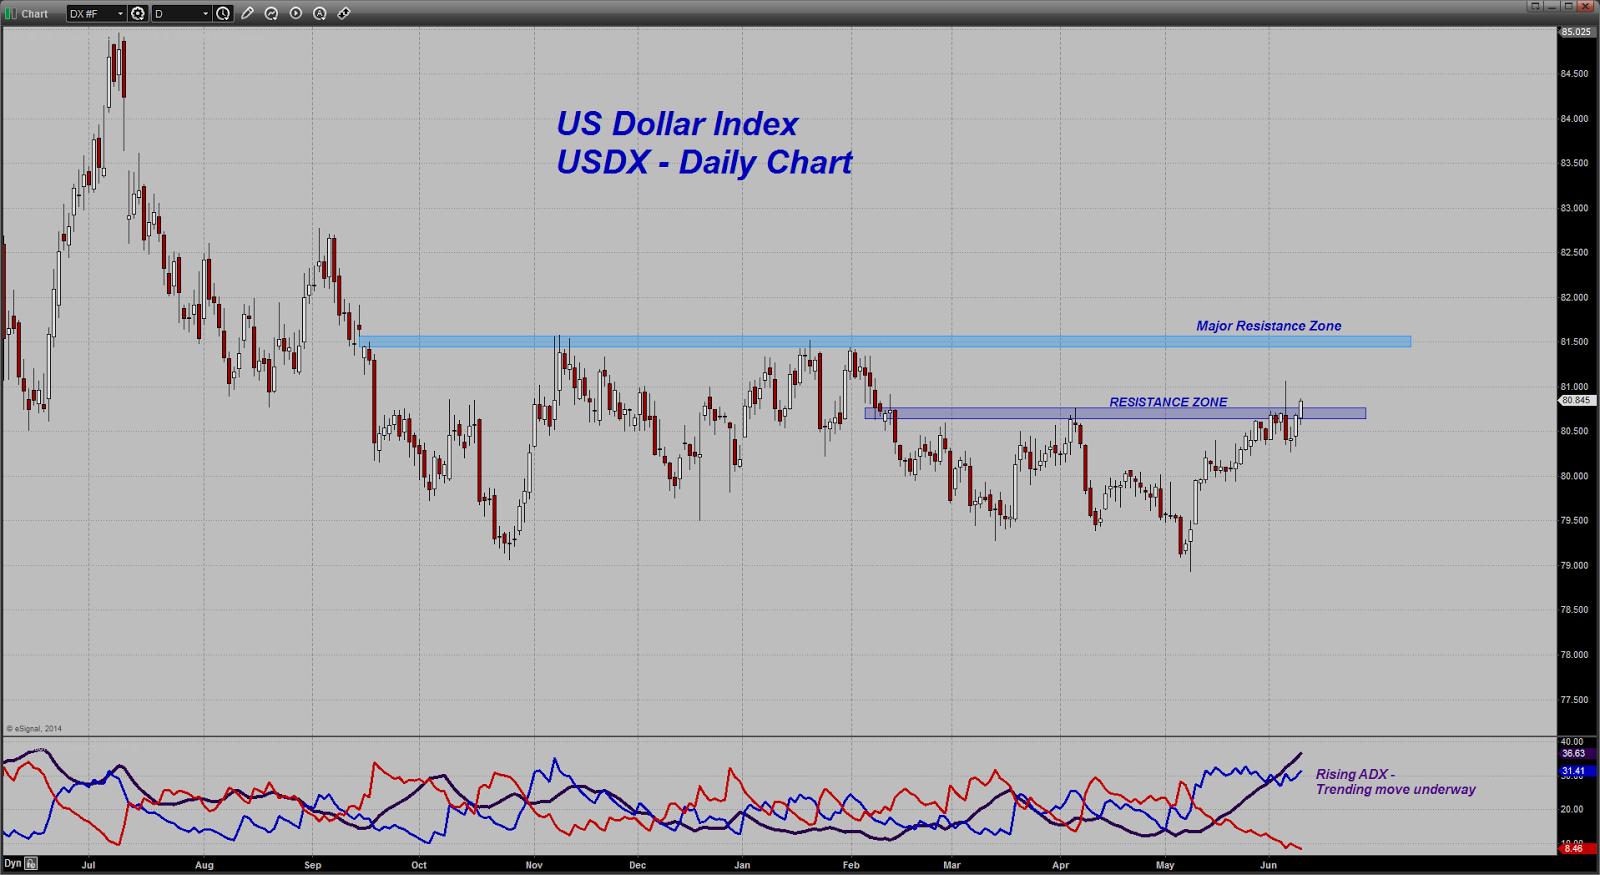 prix de l'or, de l'argent et des minières / suivi quotidien en clôture - Page 12 Chart20140610093242